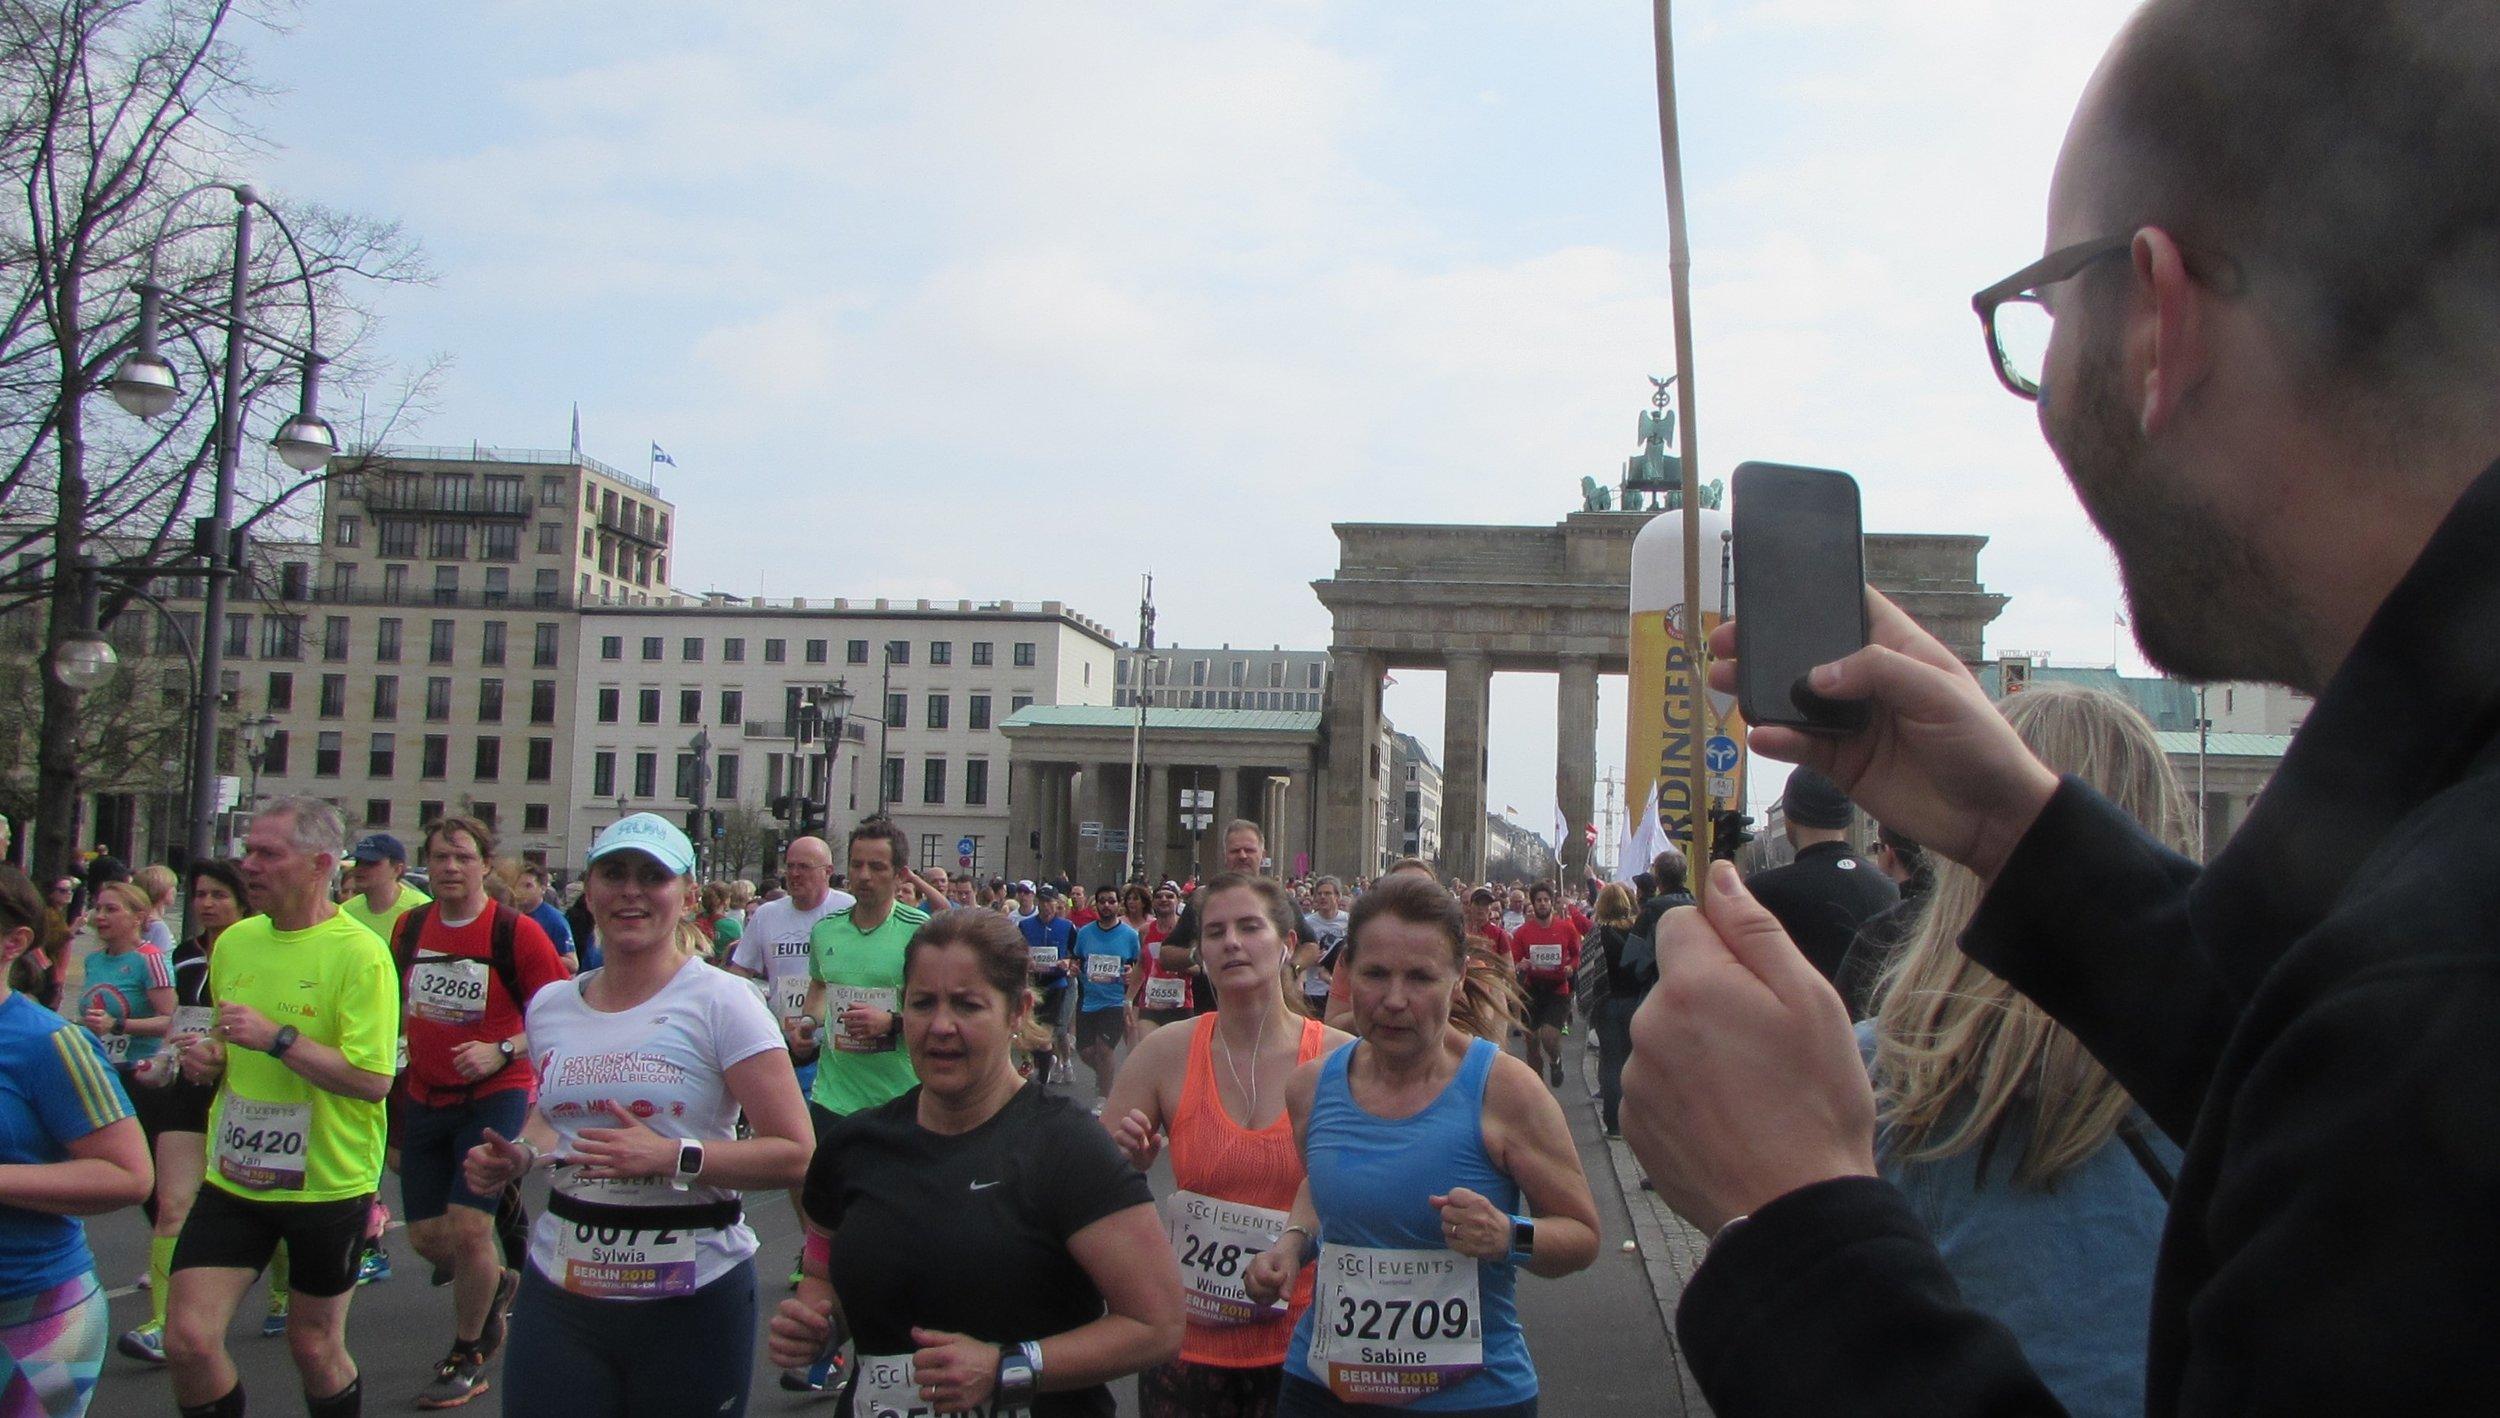 2017 Winnie at the Brandenburger Gate in Berlin